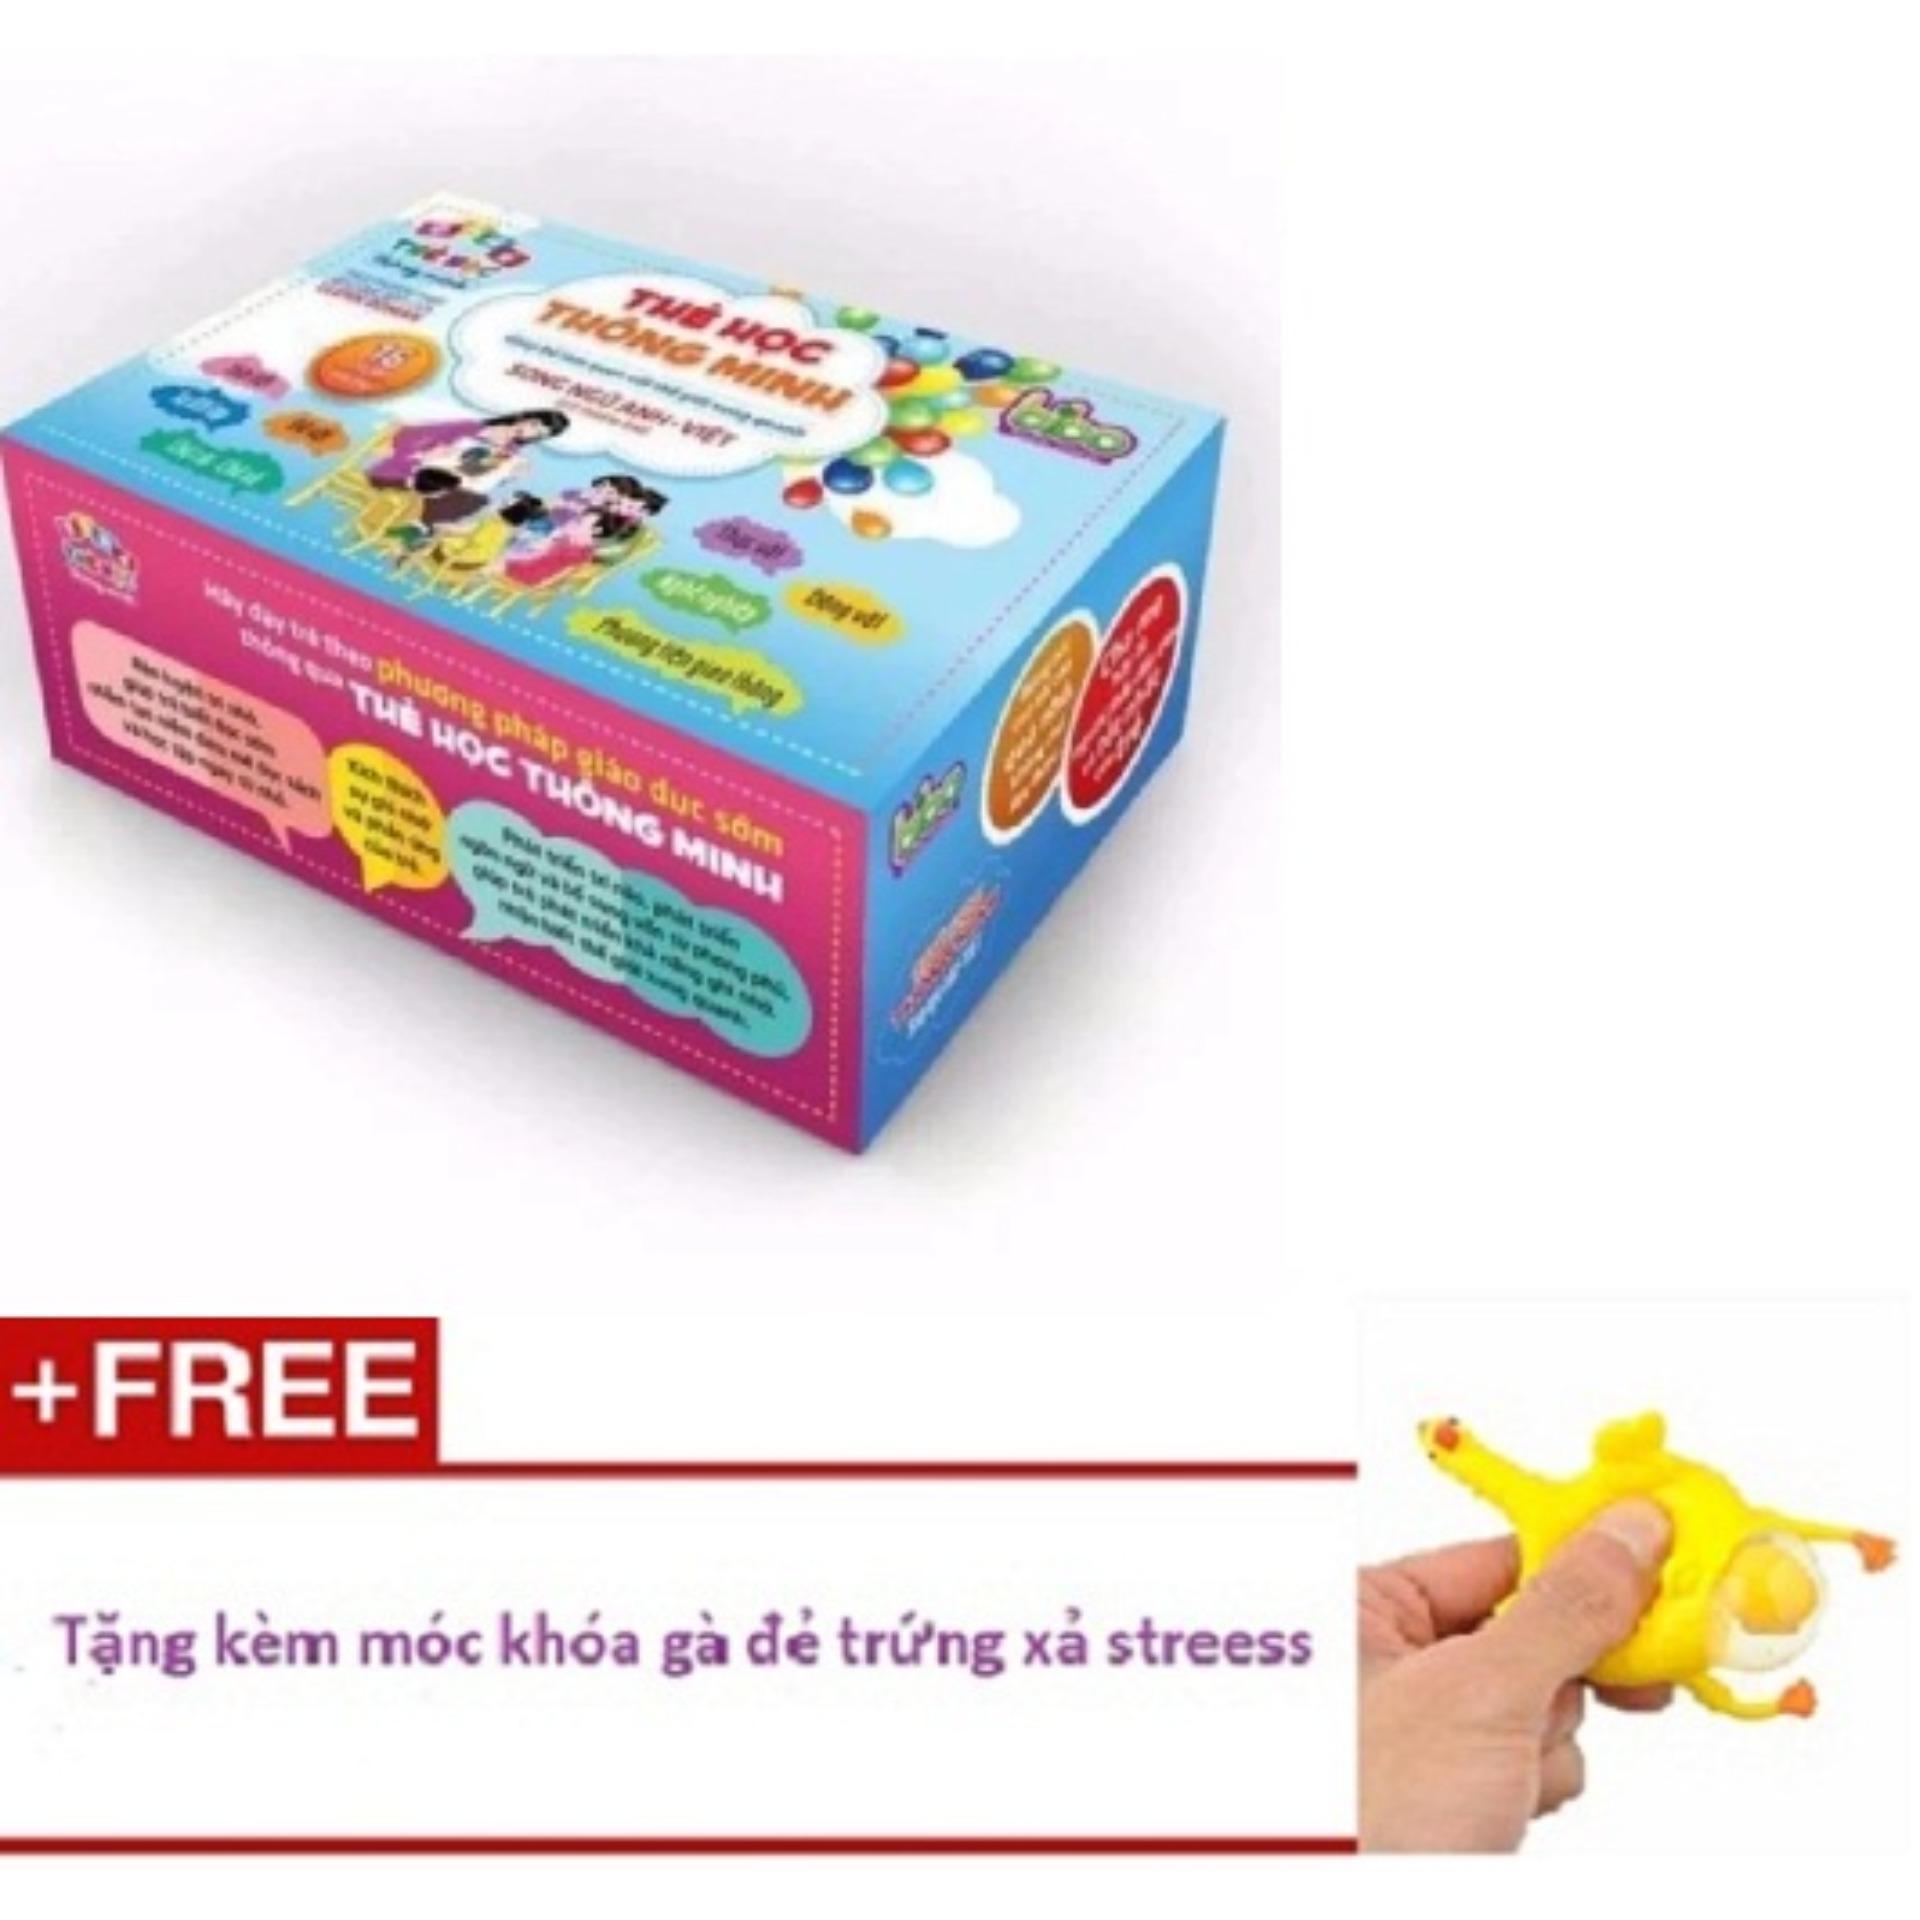 Hình ảnh Bộ thẻ học 16 chủ đề 415 thẻ thông minh cho bé + móc khóa gà đẻ trứng